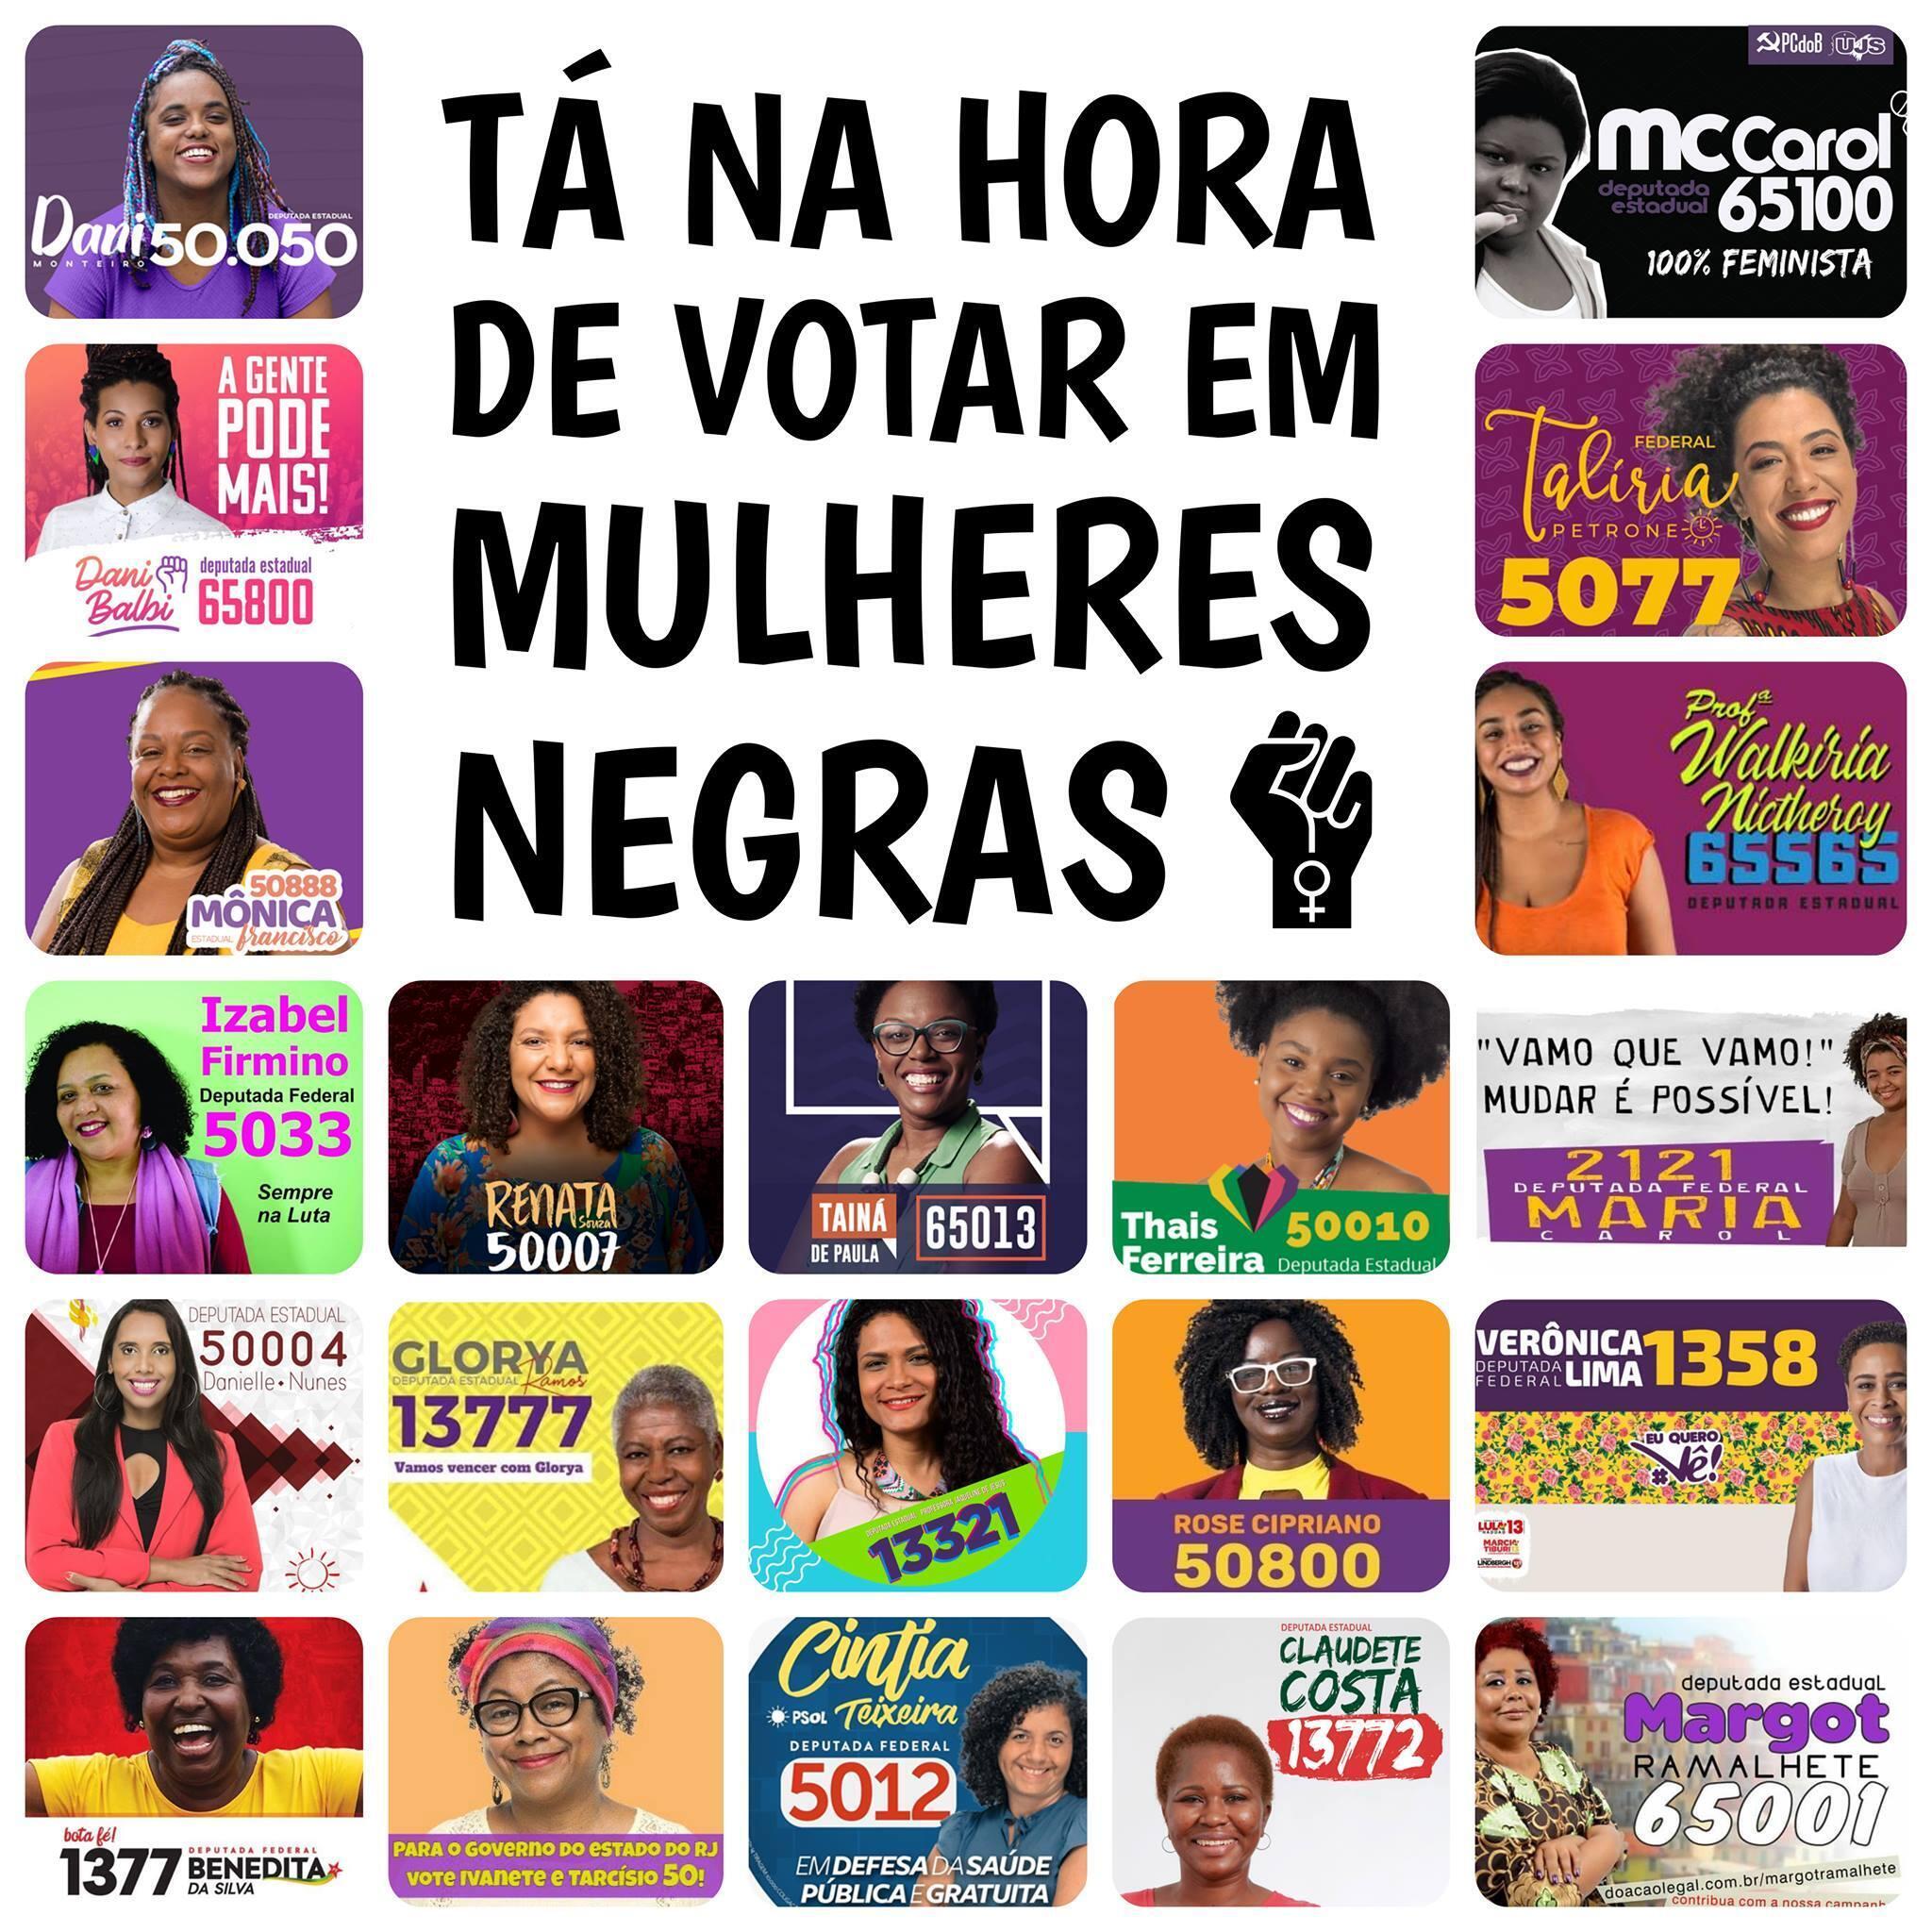 43% das candidaturas das eleições 2018 no Brasil são de mulheres negras e homens negros.